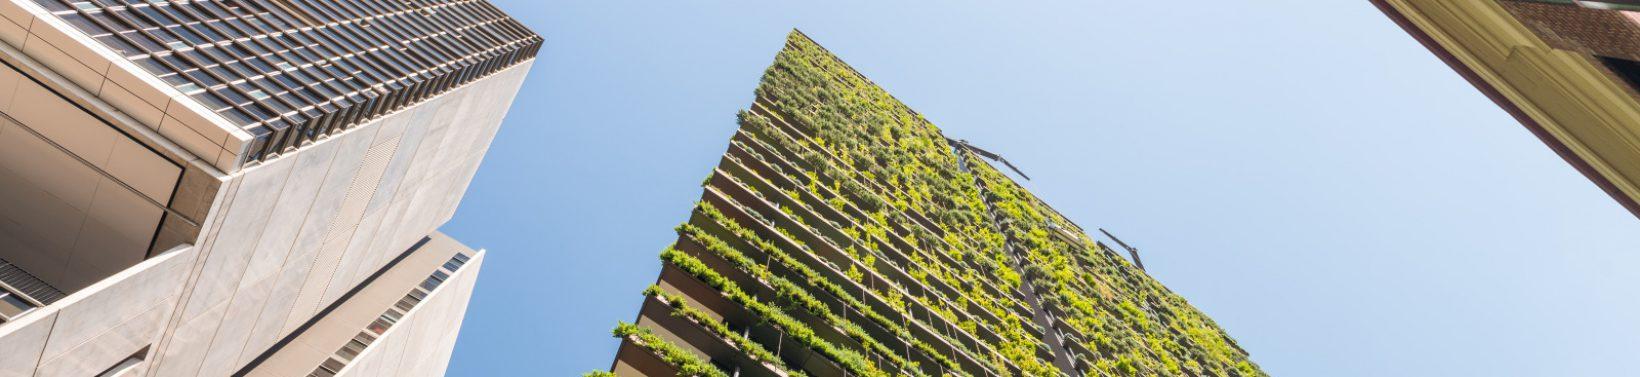 Gratte-ciel avec fleurs et vegetation le long des balcons